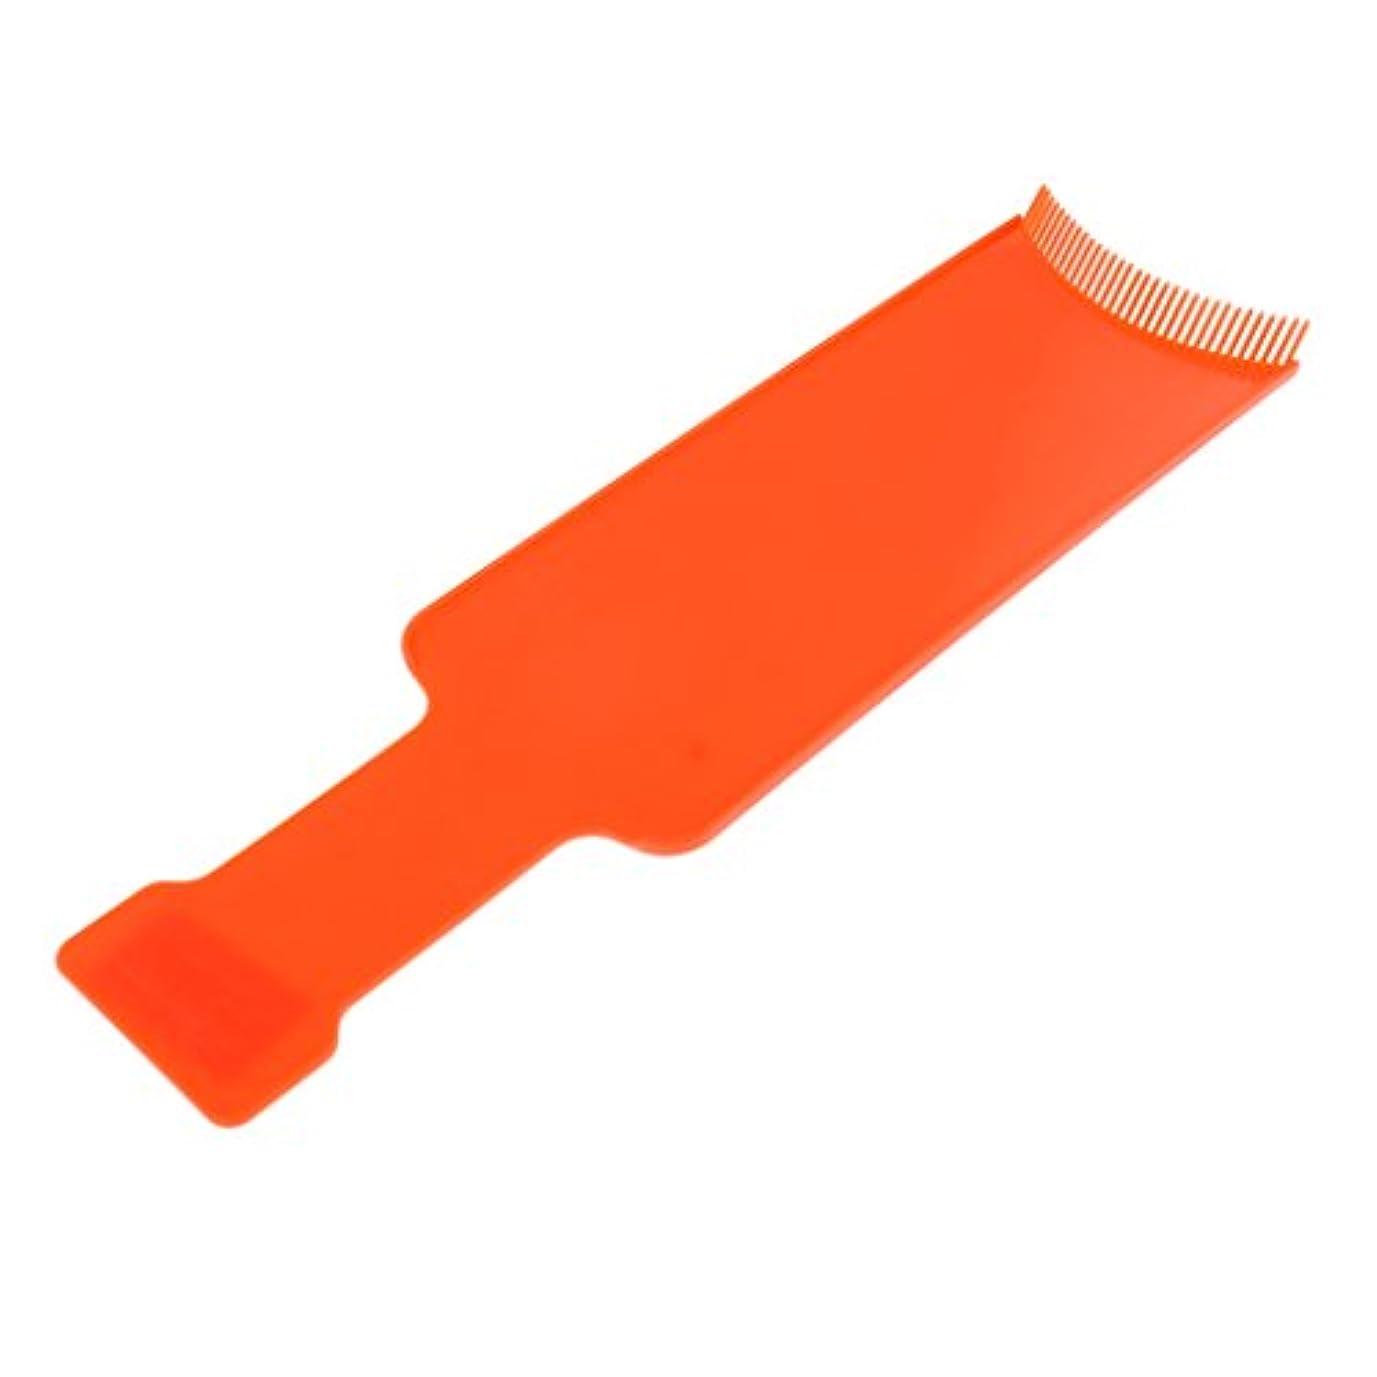 スクラップ日光希望に満ちたT TOOYFUL プロフェッショナル理髪染めボード着色ブラシ色合いくしツール - オレンジ, L